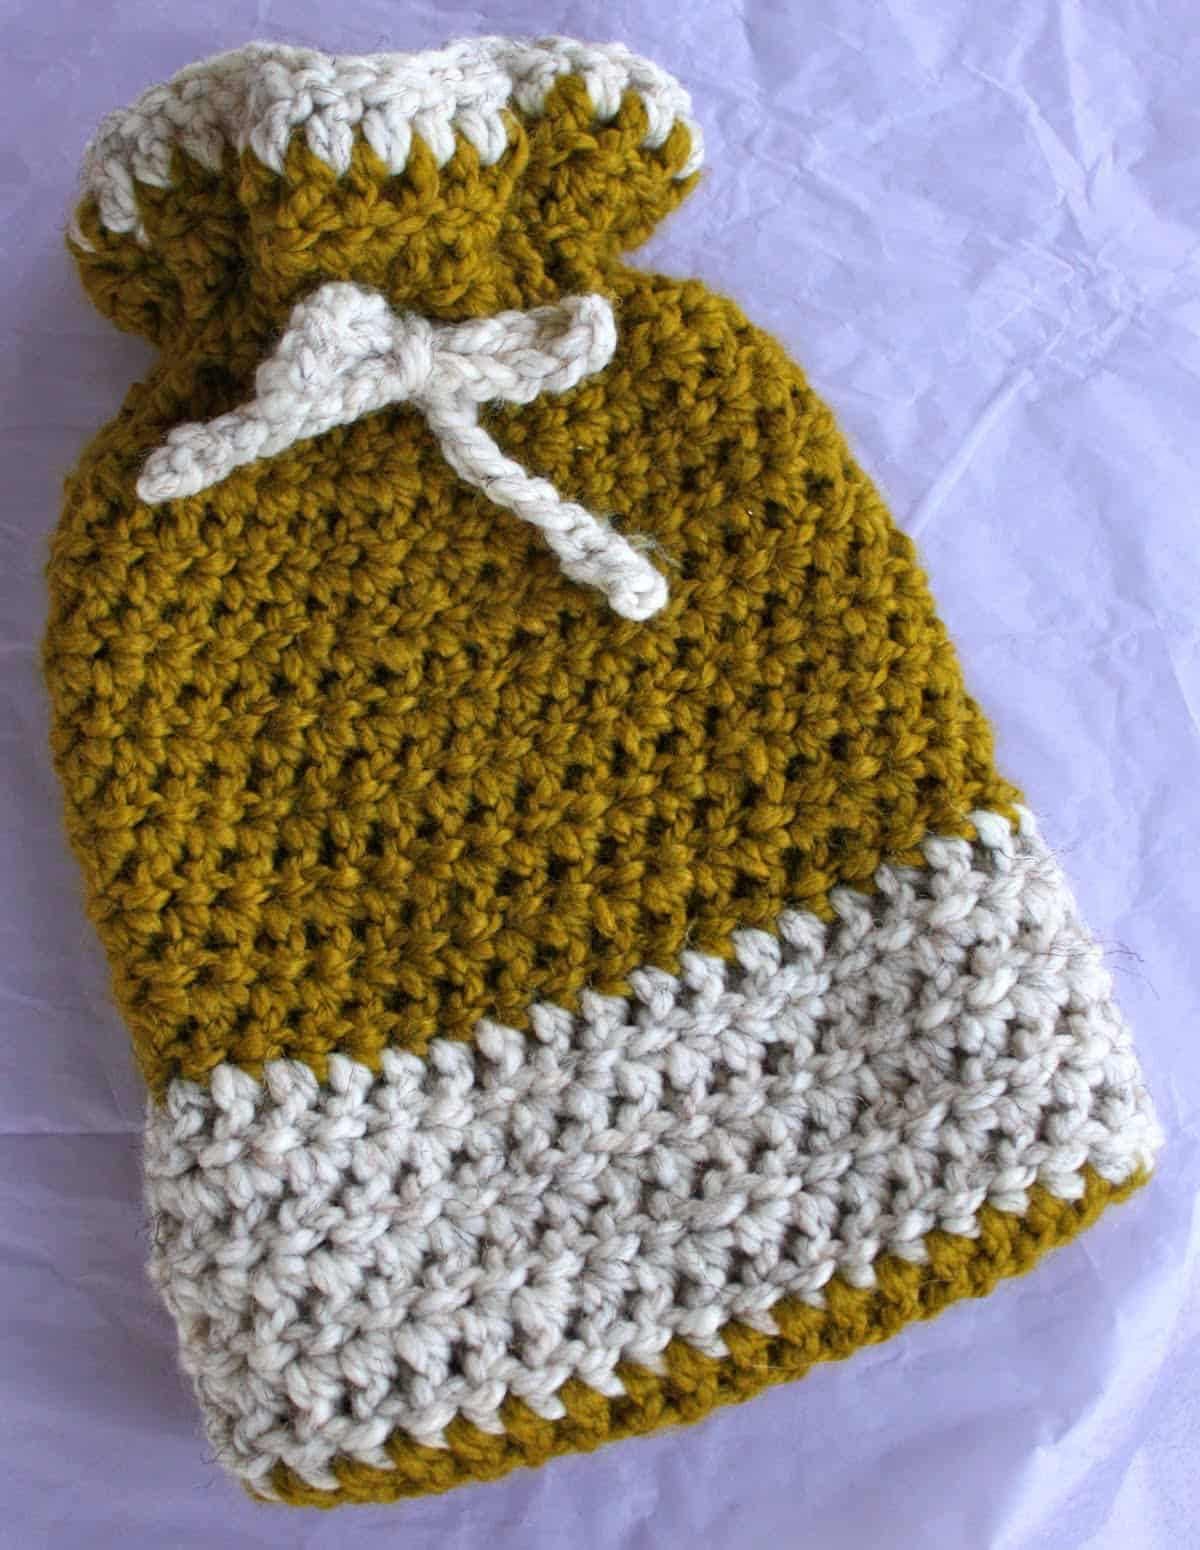 Crochet Hot Water Bottle Cozy | Pretty Prudent